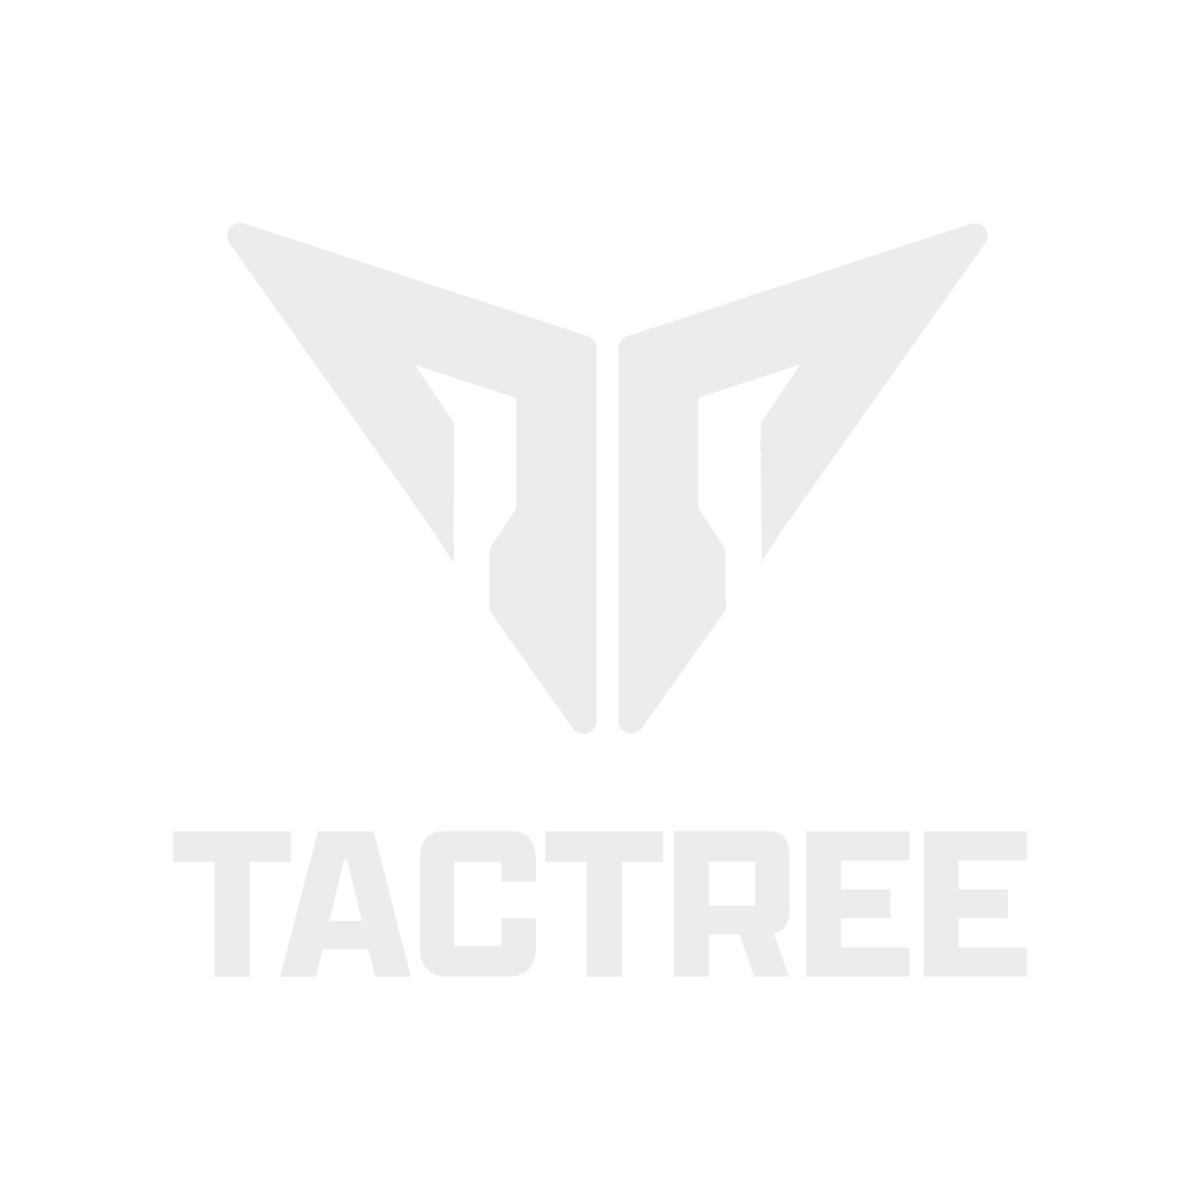 5.11 TacTec Holster 2.0 (Black)